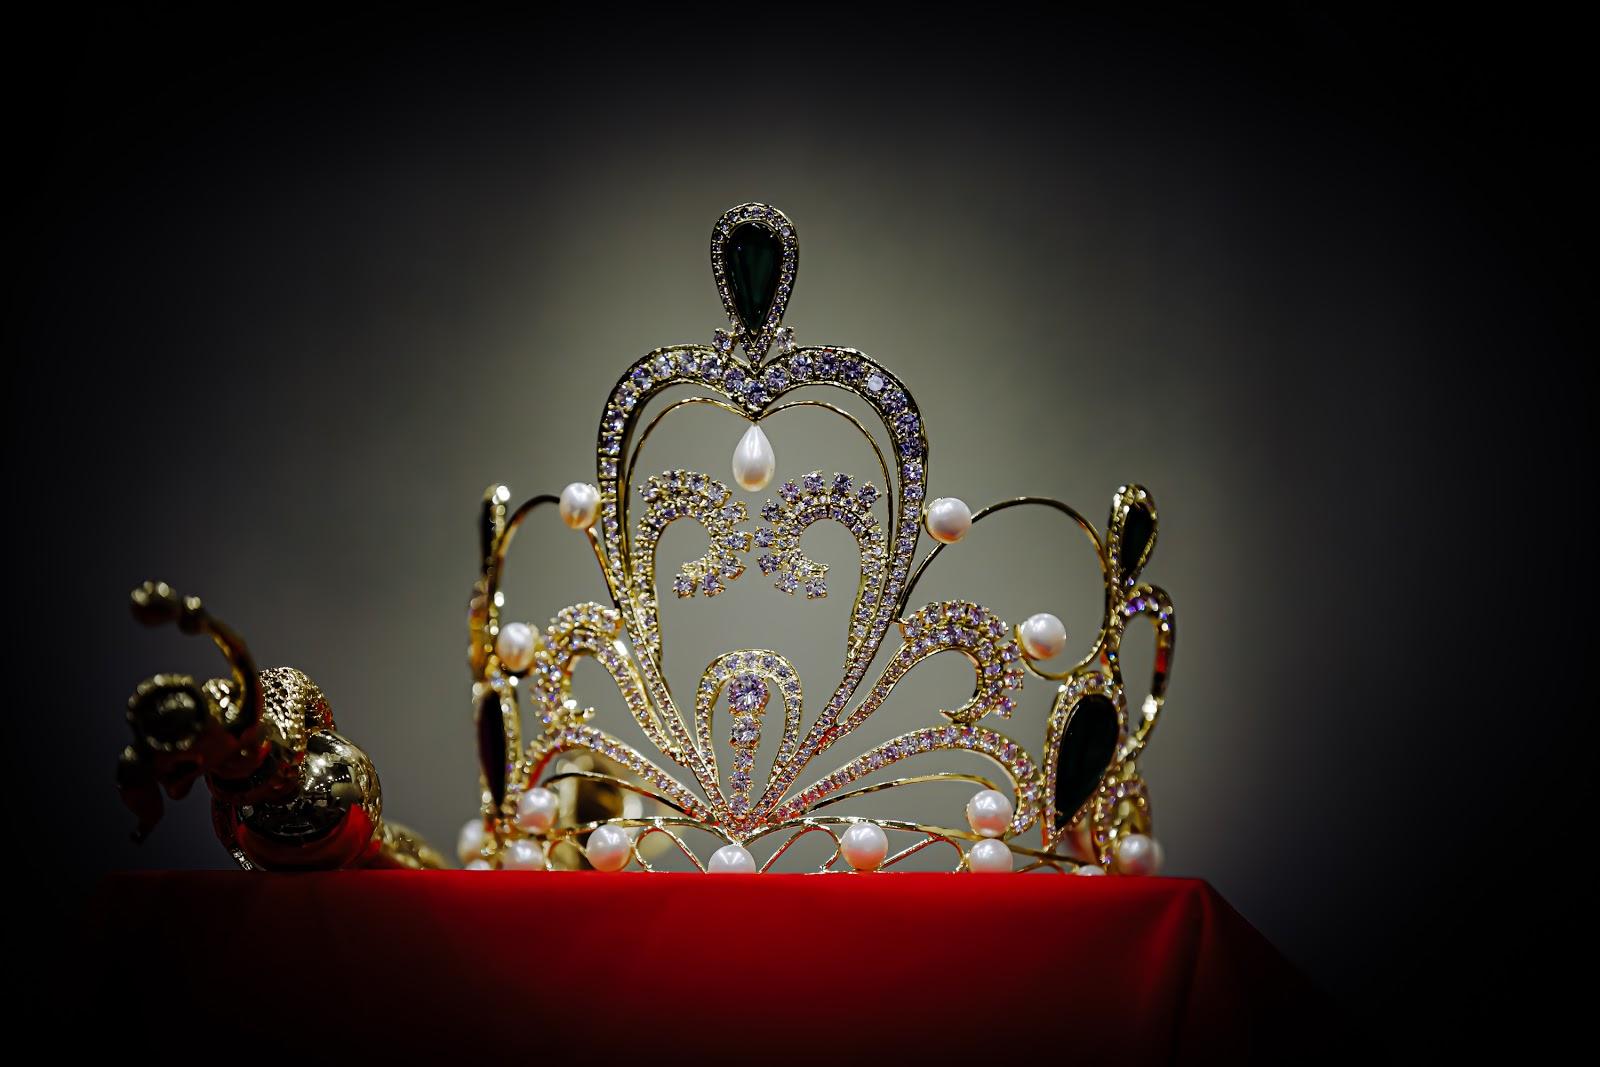 Cận cảnh vương miện 2 tỷ làm từ 2000 viên pha lê của cuộc thi Hoa hậu Tiểu Vy làm giám khảo - Hình 5